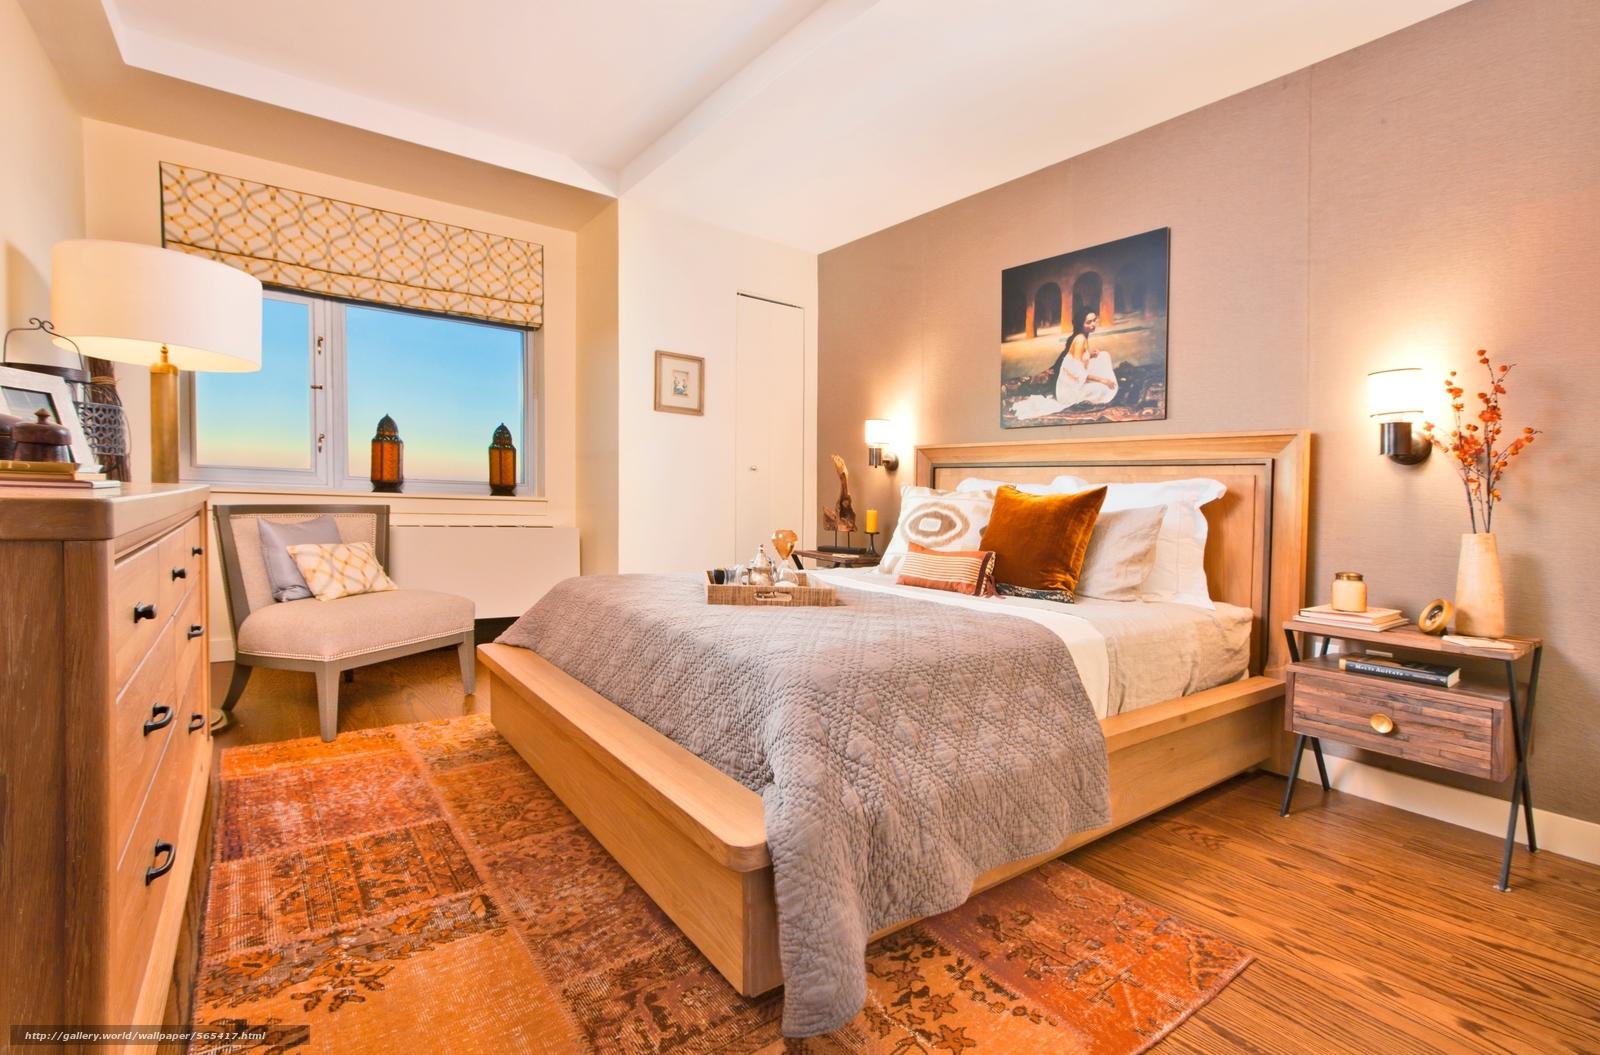 Scaricare gli sfondi letto stare in piedi sedia camera da letto sfondi gratis per la - Sedia camera da letto ...